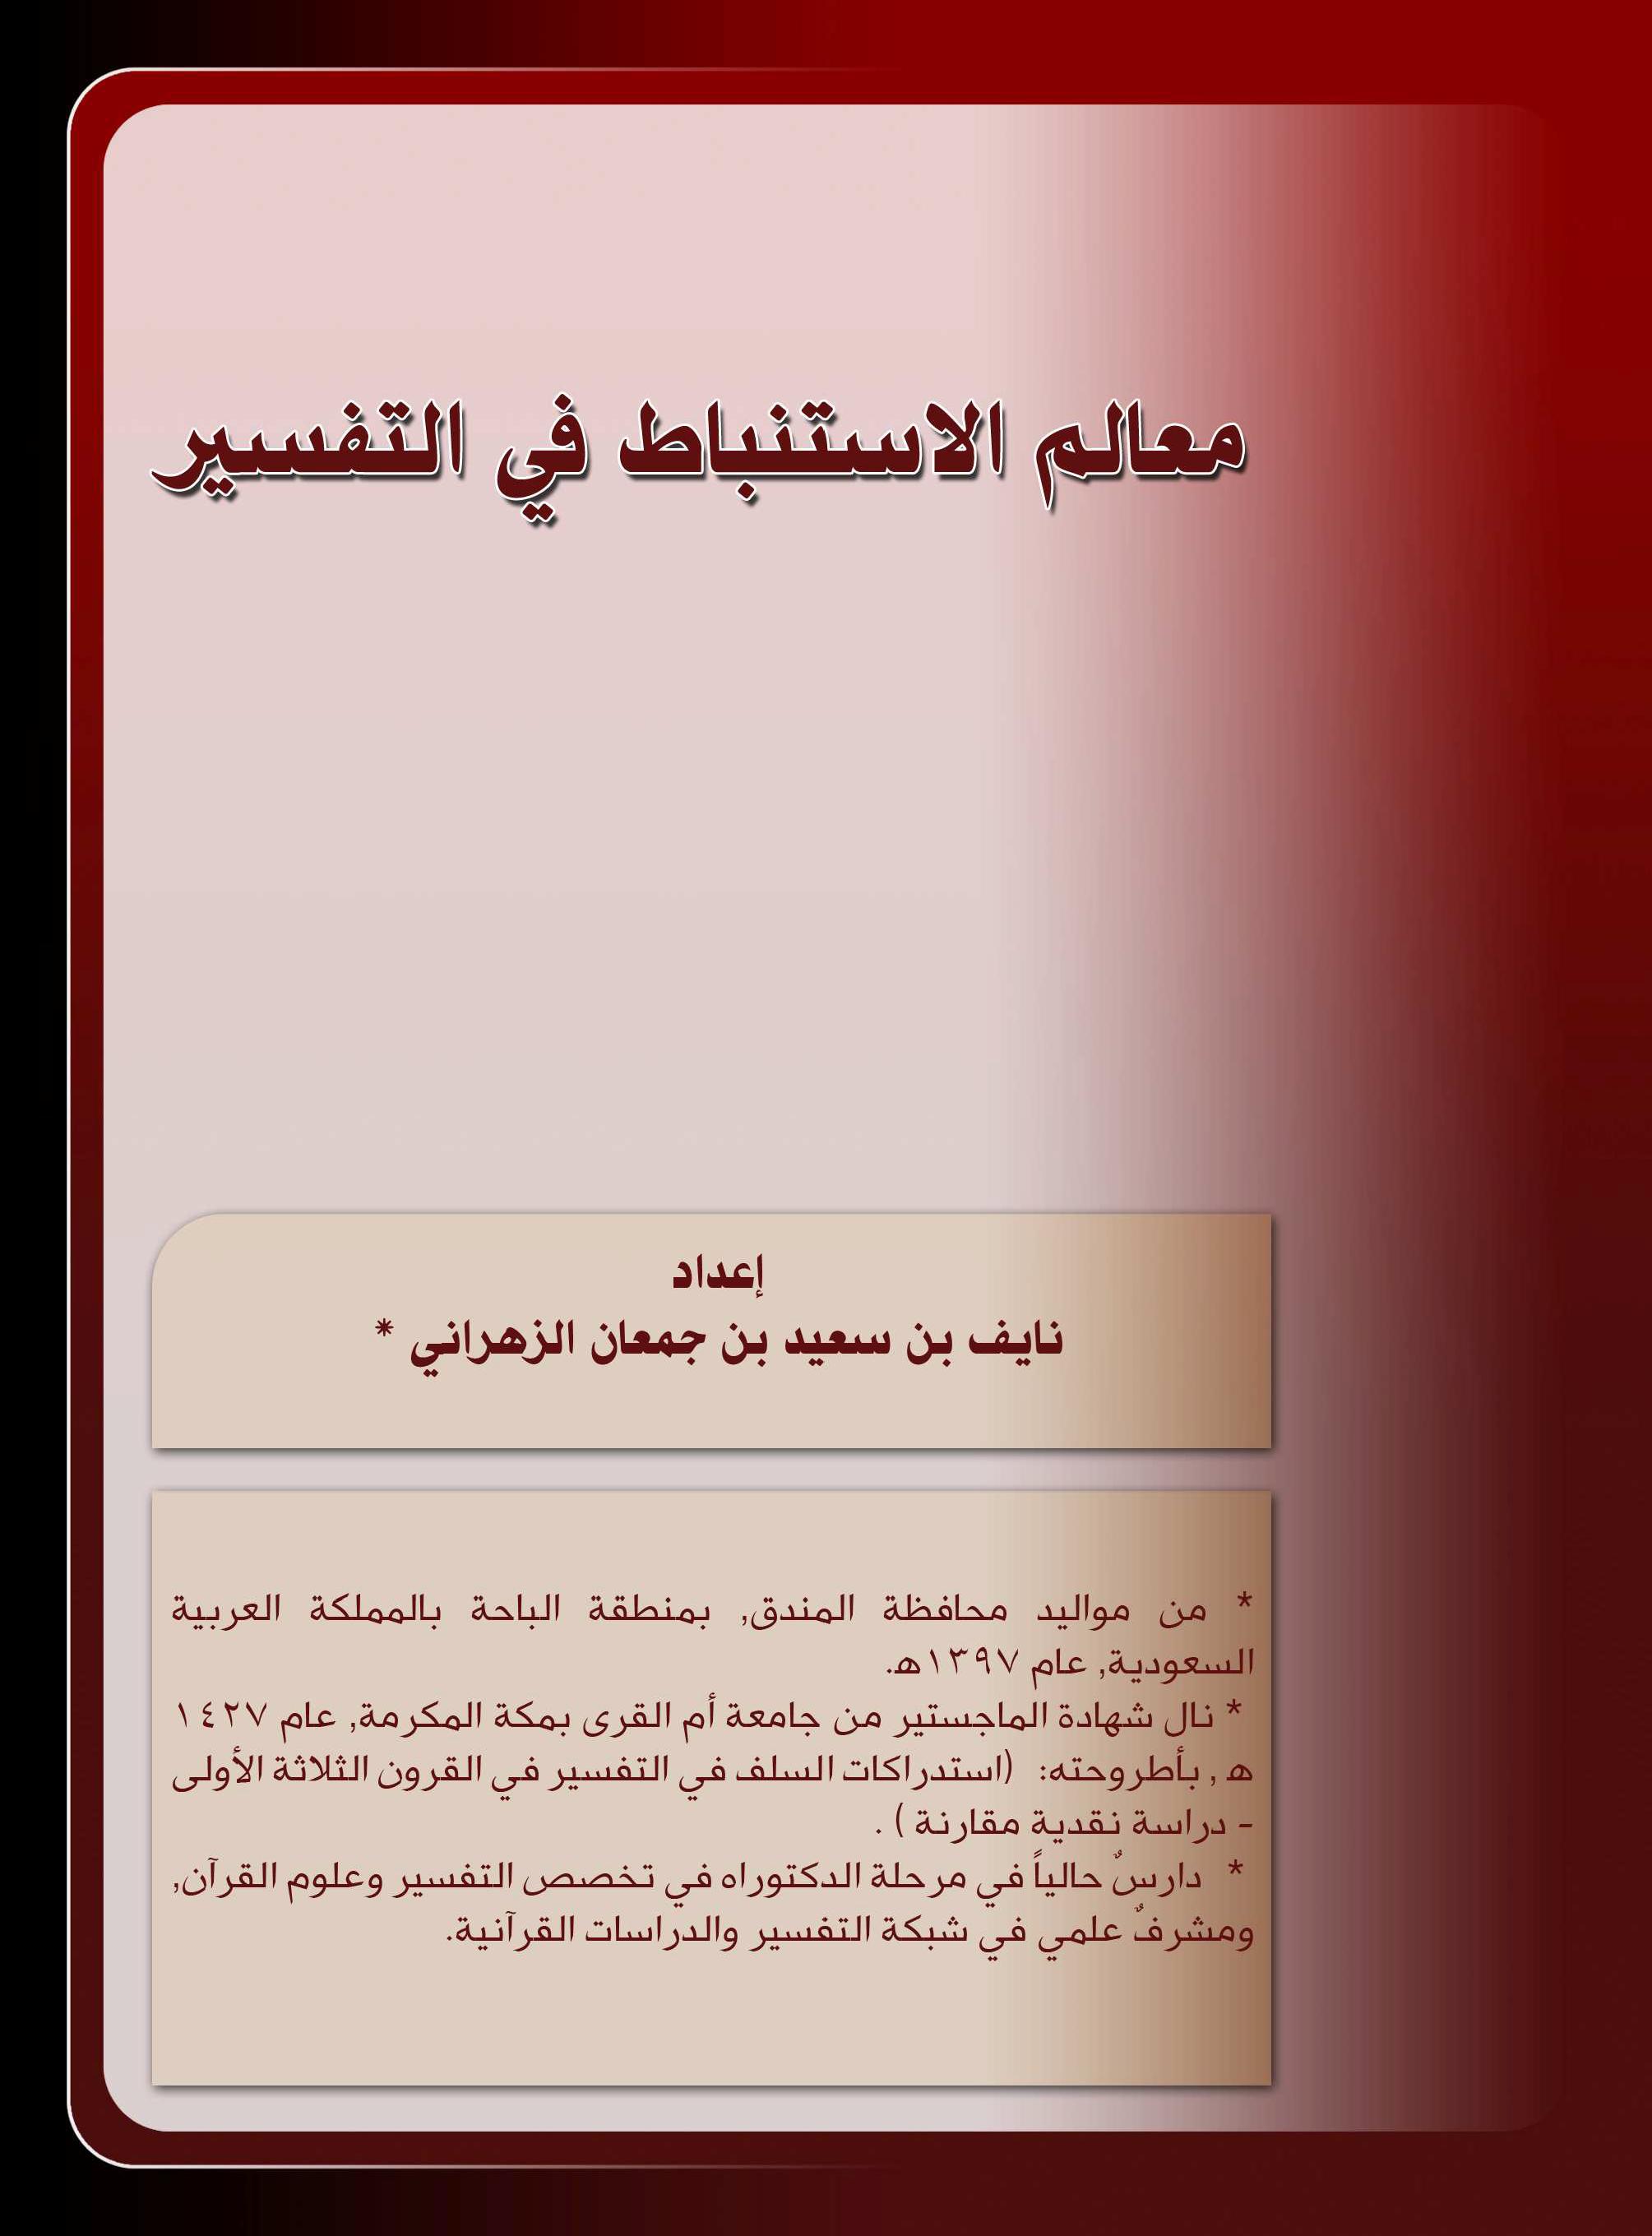 تحميل كتاب معالم الاستنباط في التفسير لـِ: الدكتور نايف بن سعيد بن جمعان الزهراني